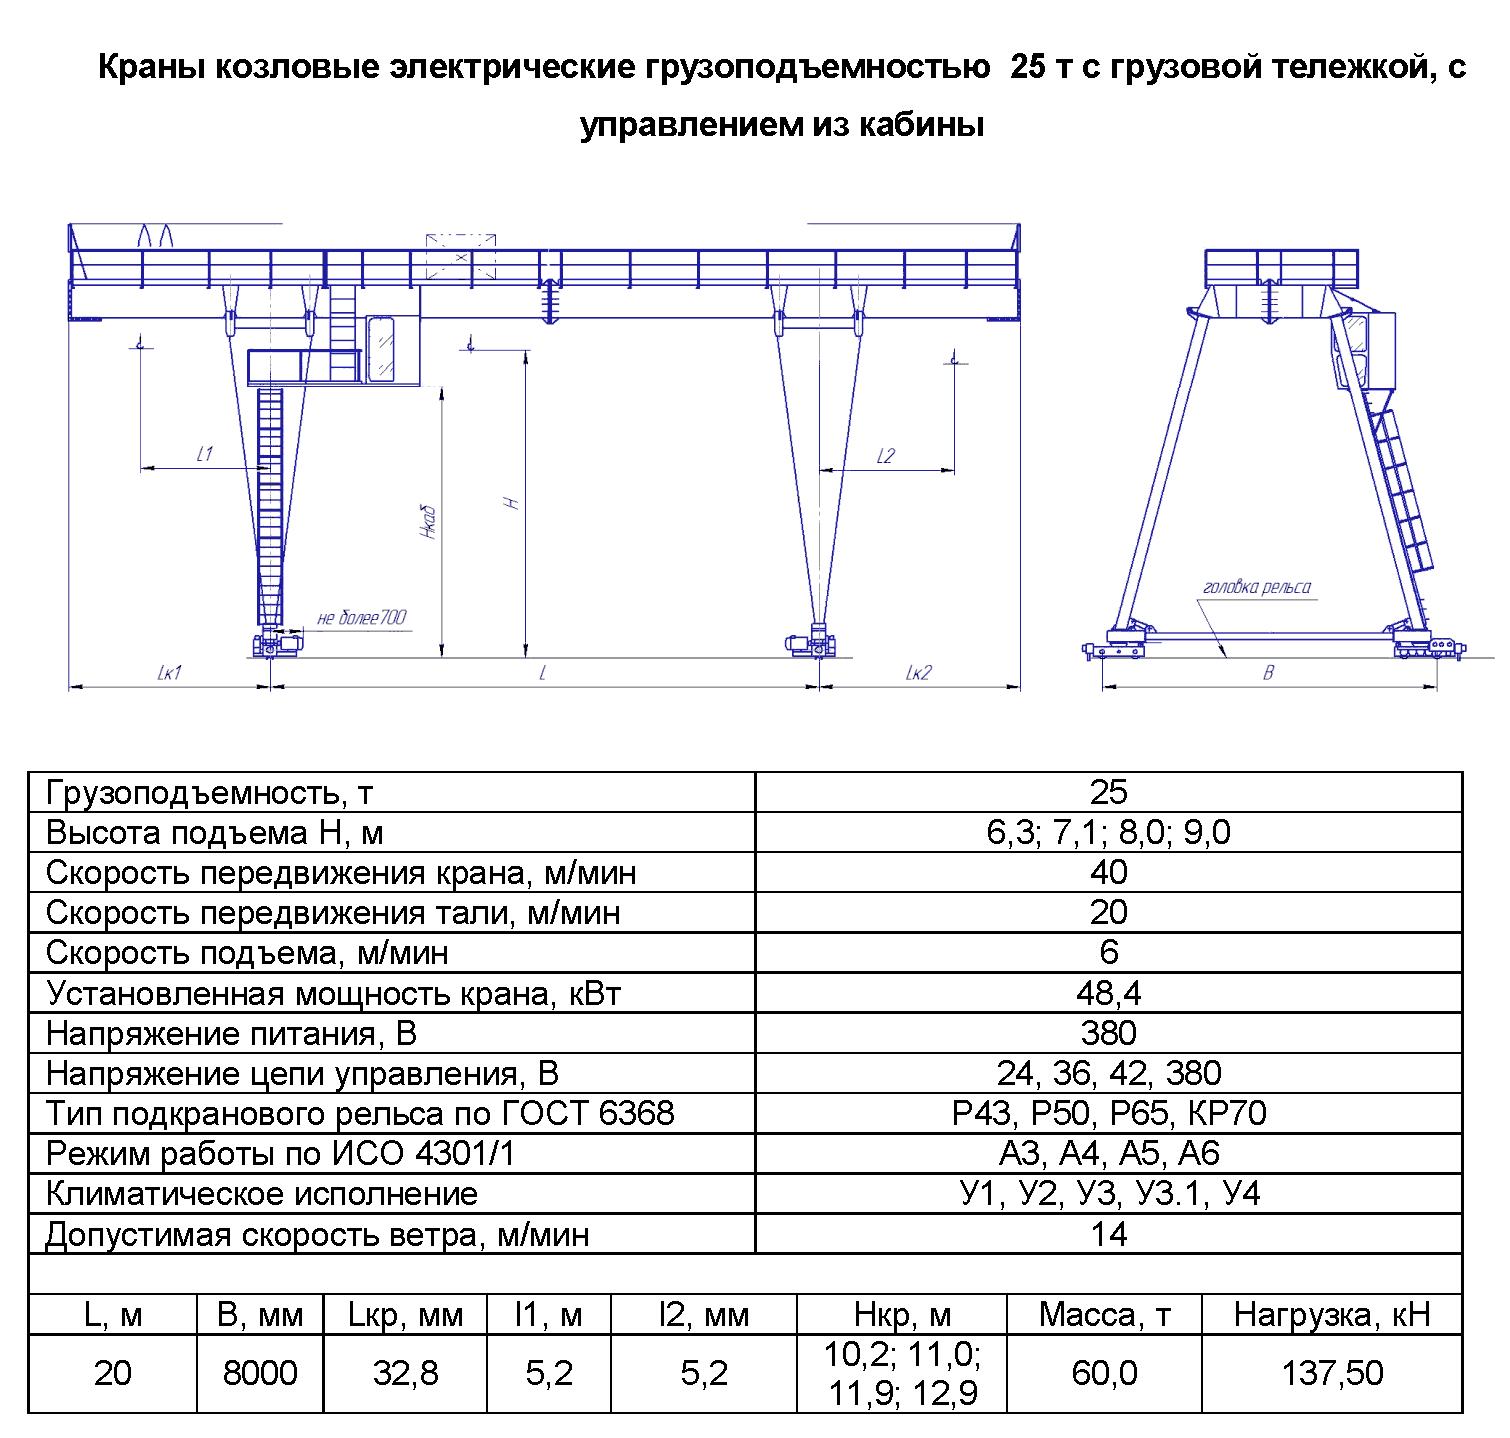 KKD 25 200 - Кран козловой электрический двухбалочный